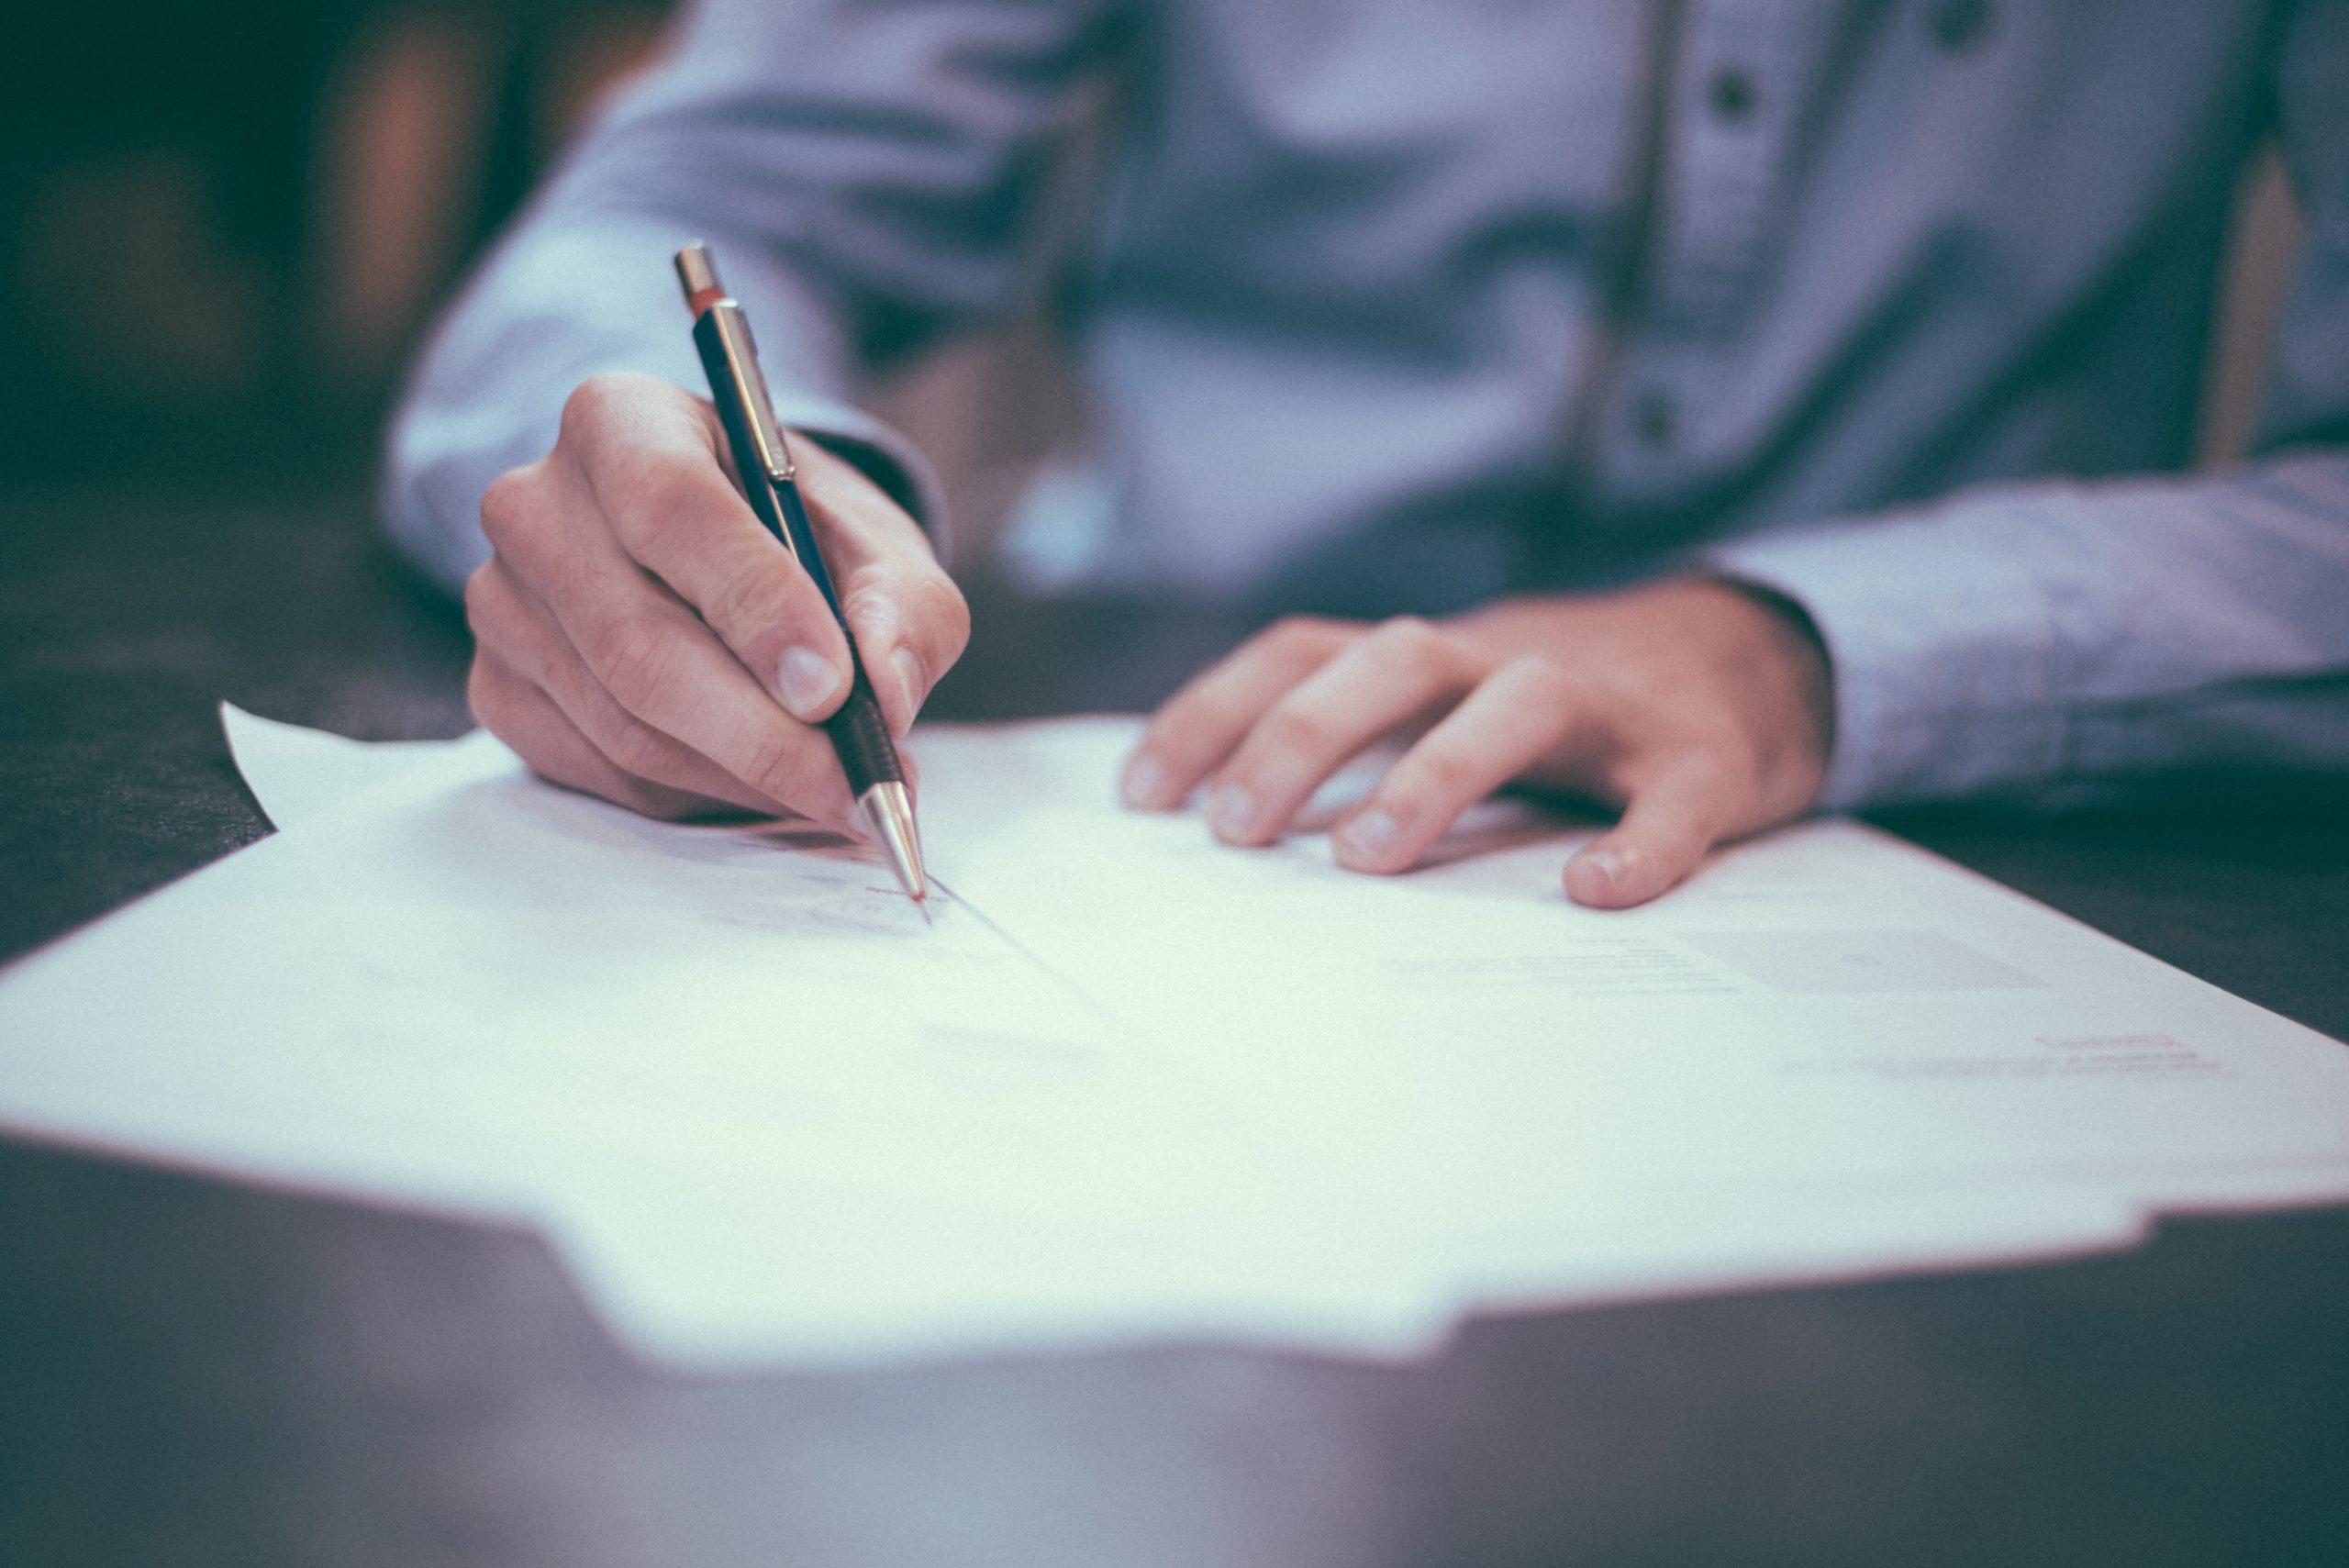 ペンを用いて紙に記入する男性